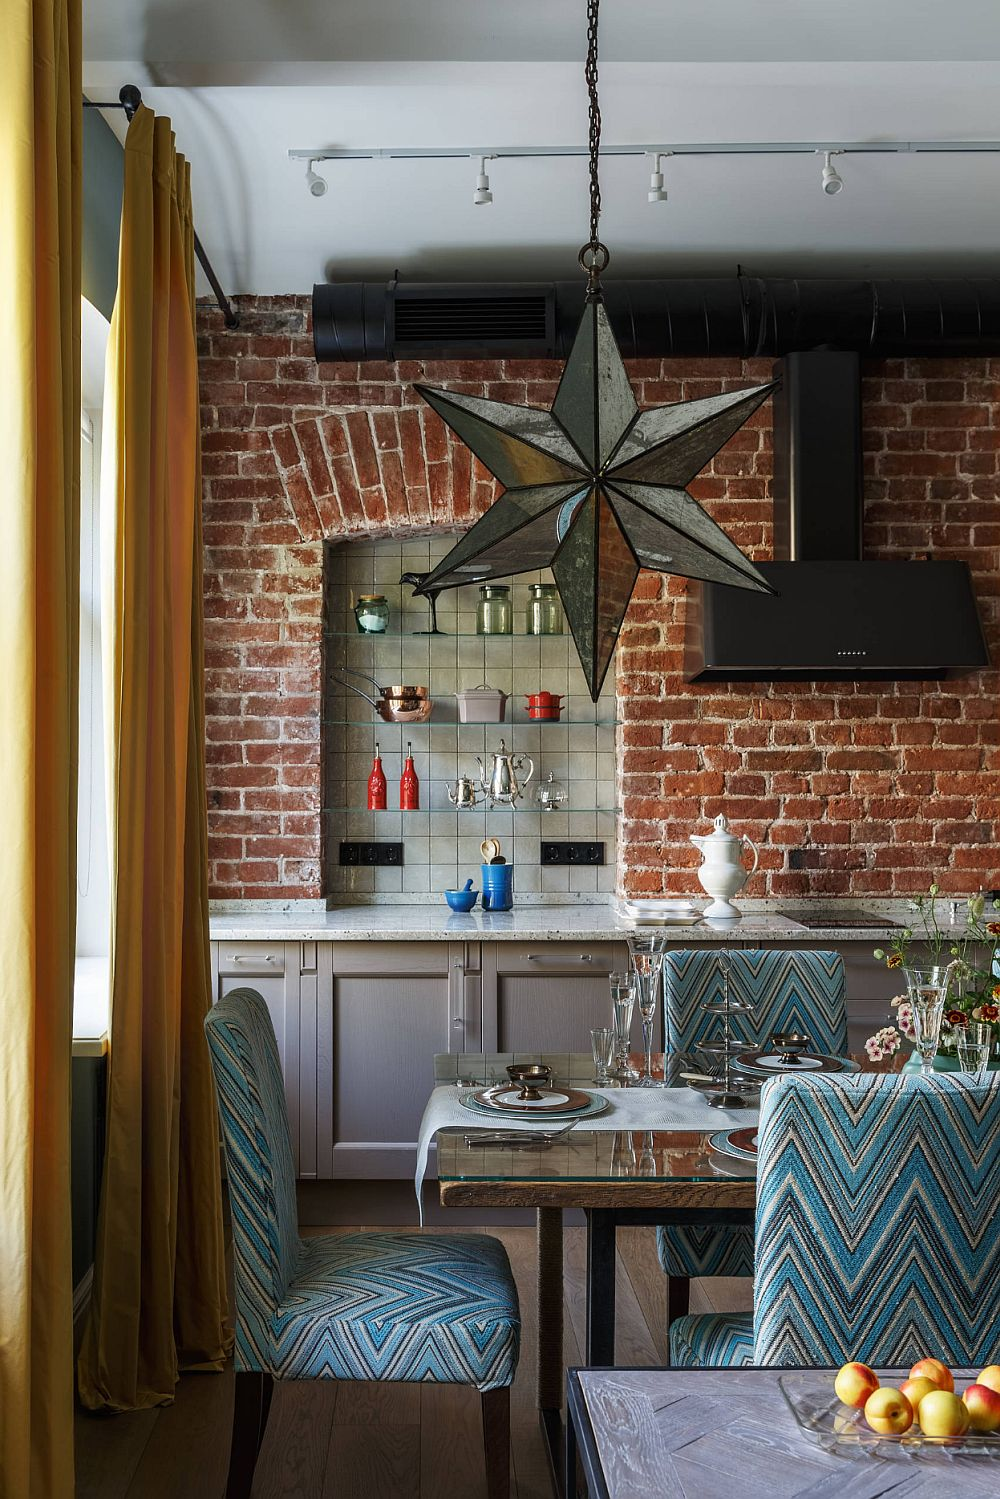 O nișă existentă în spațiul corespondent bucătăriei a fost păstrată de către designer și pusă în evidență prin placare peretelui cu cărămidă. Interiorul nișei este placat cu plăci ceramice glazurate, deci un contrast de textură între cărămidă și ceramică care aduce o strălucire subtilă în zonă alături de rafturile din sticlă.